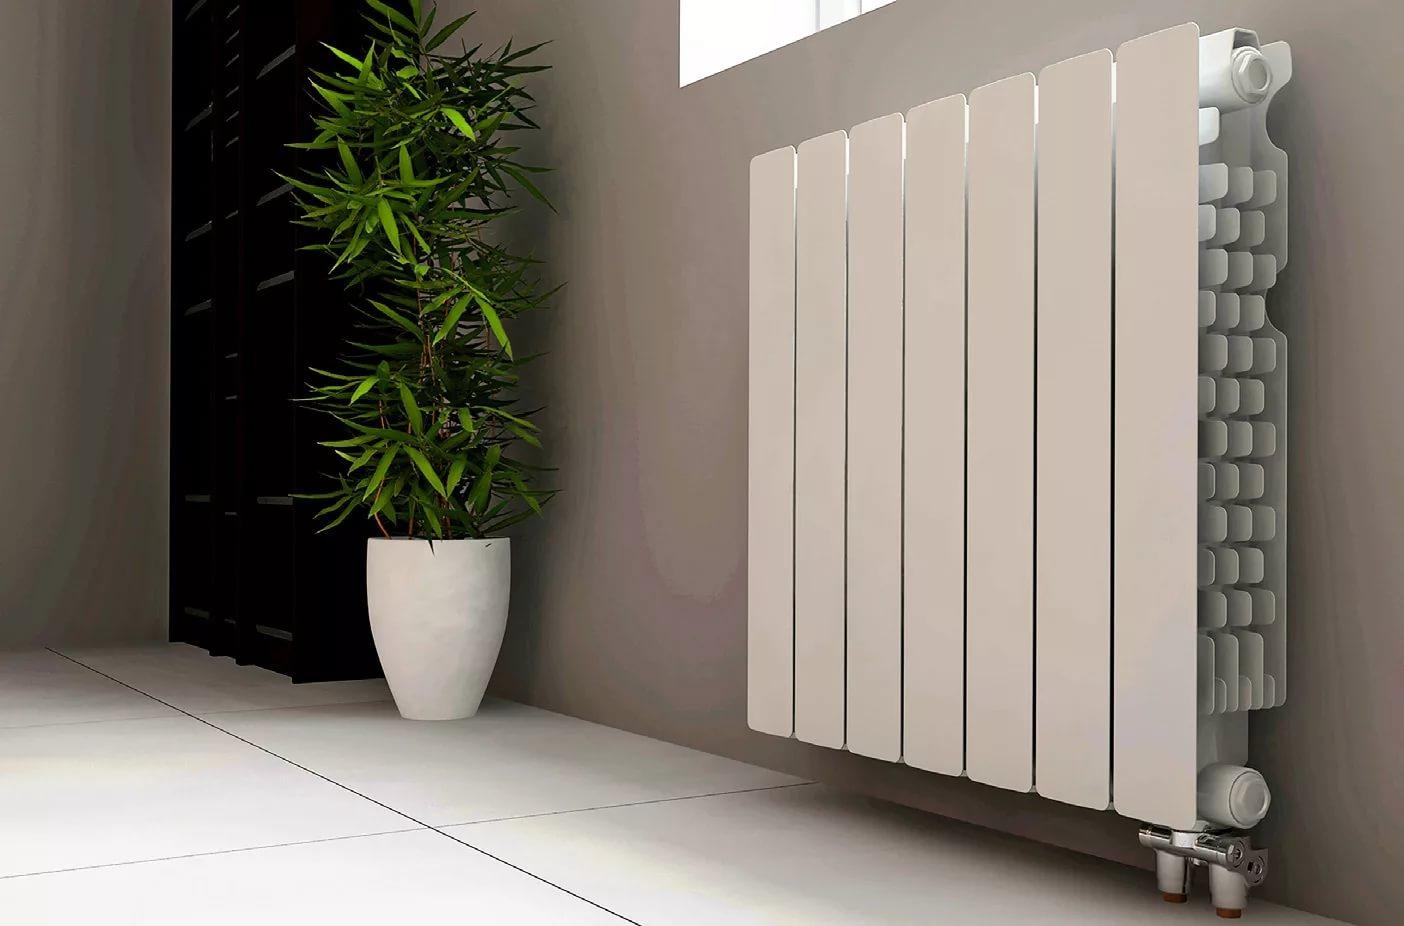 Особенности устройства, преимущества и недостатки биметаллических радиаторов отопления